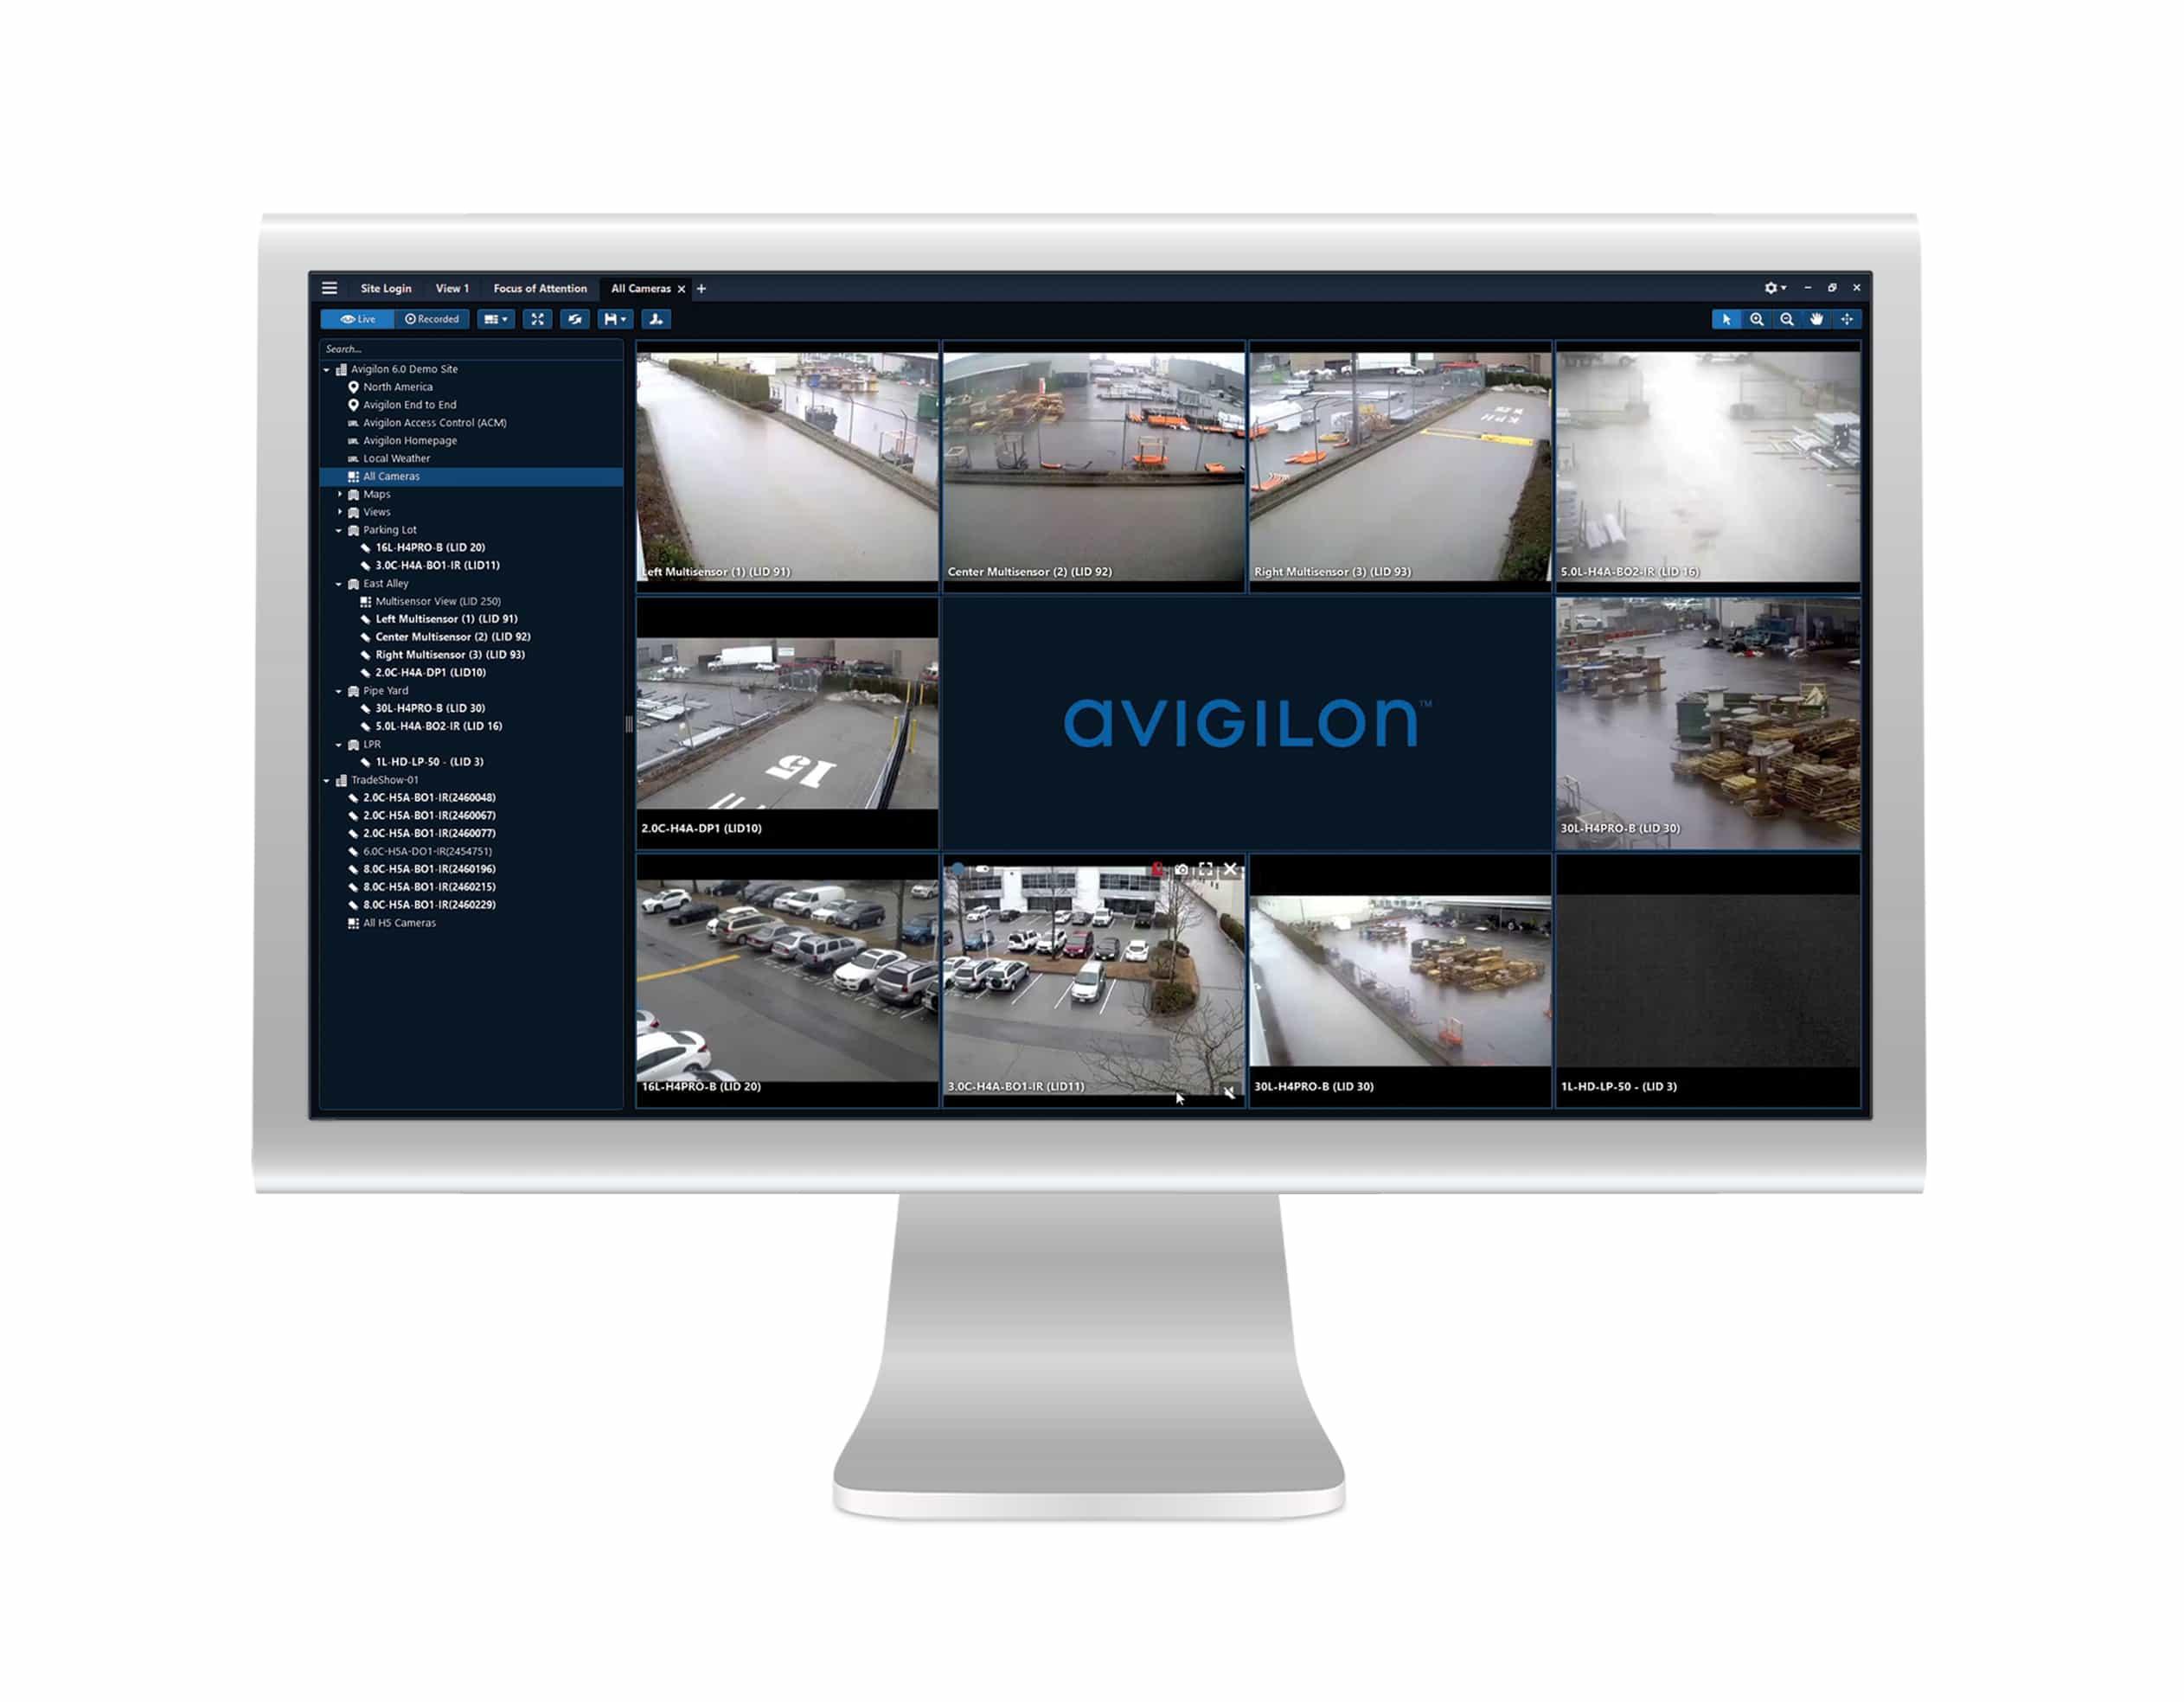 Avigilon Control center security challenges